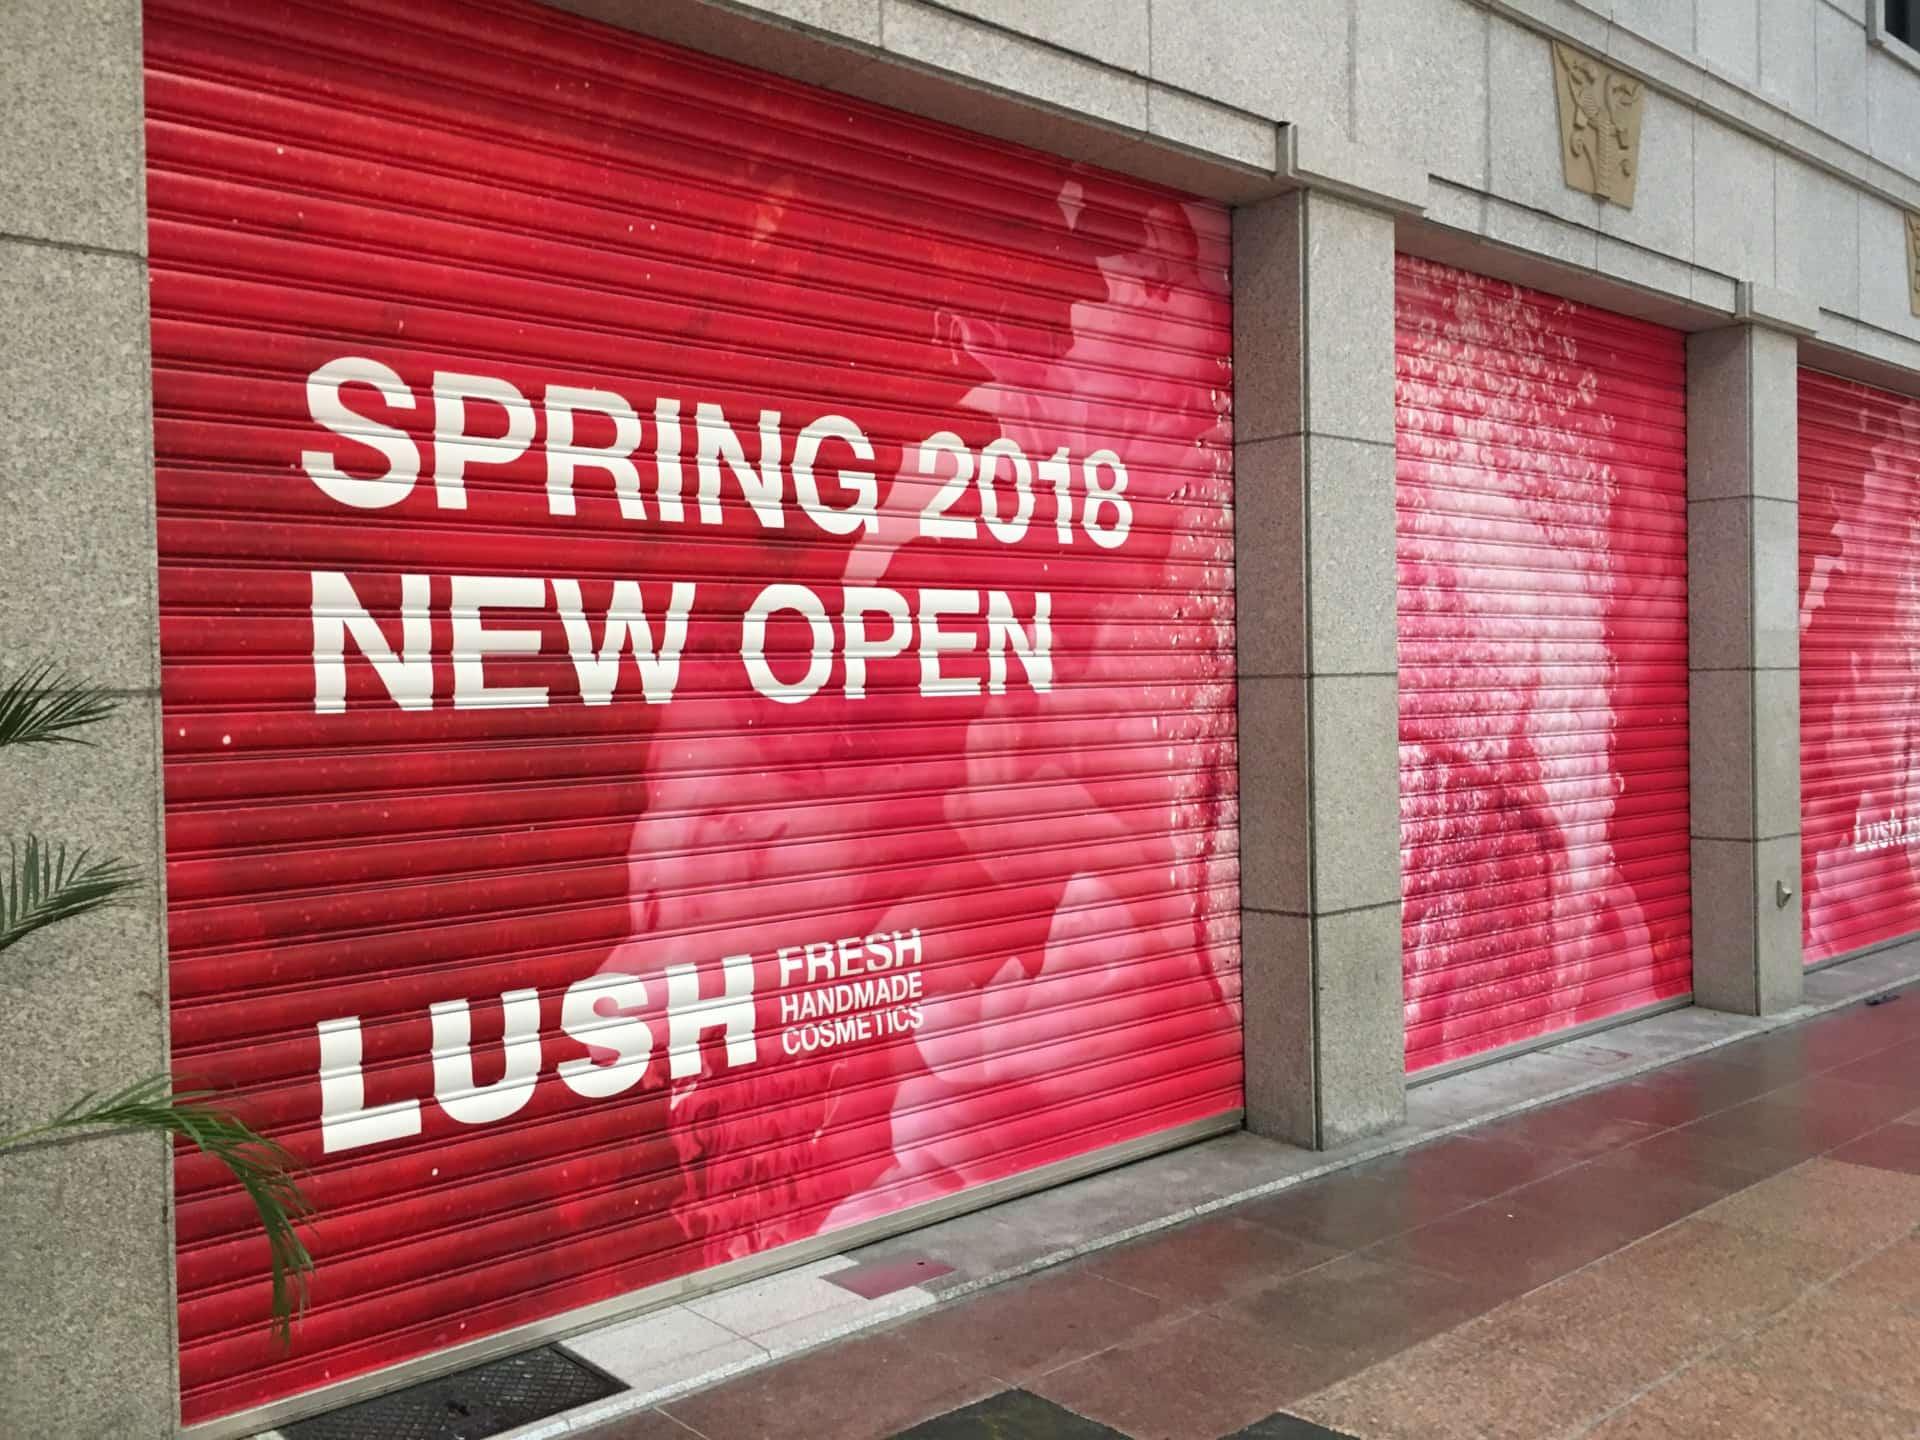 三宮の「フライングタイガー」閉店跡地に「LUSH神戸三宮店」が2018年4月オープン!